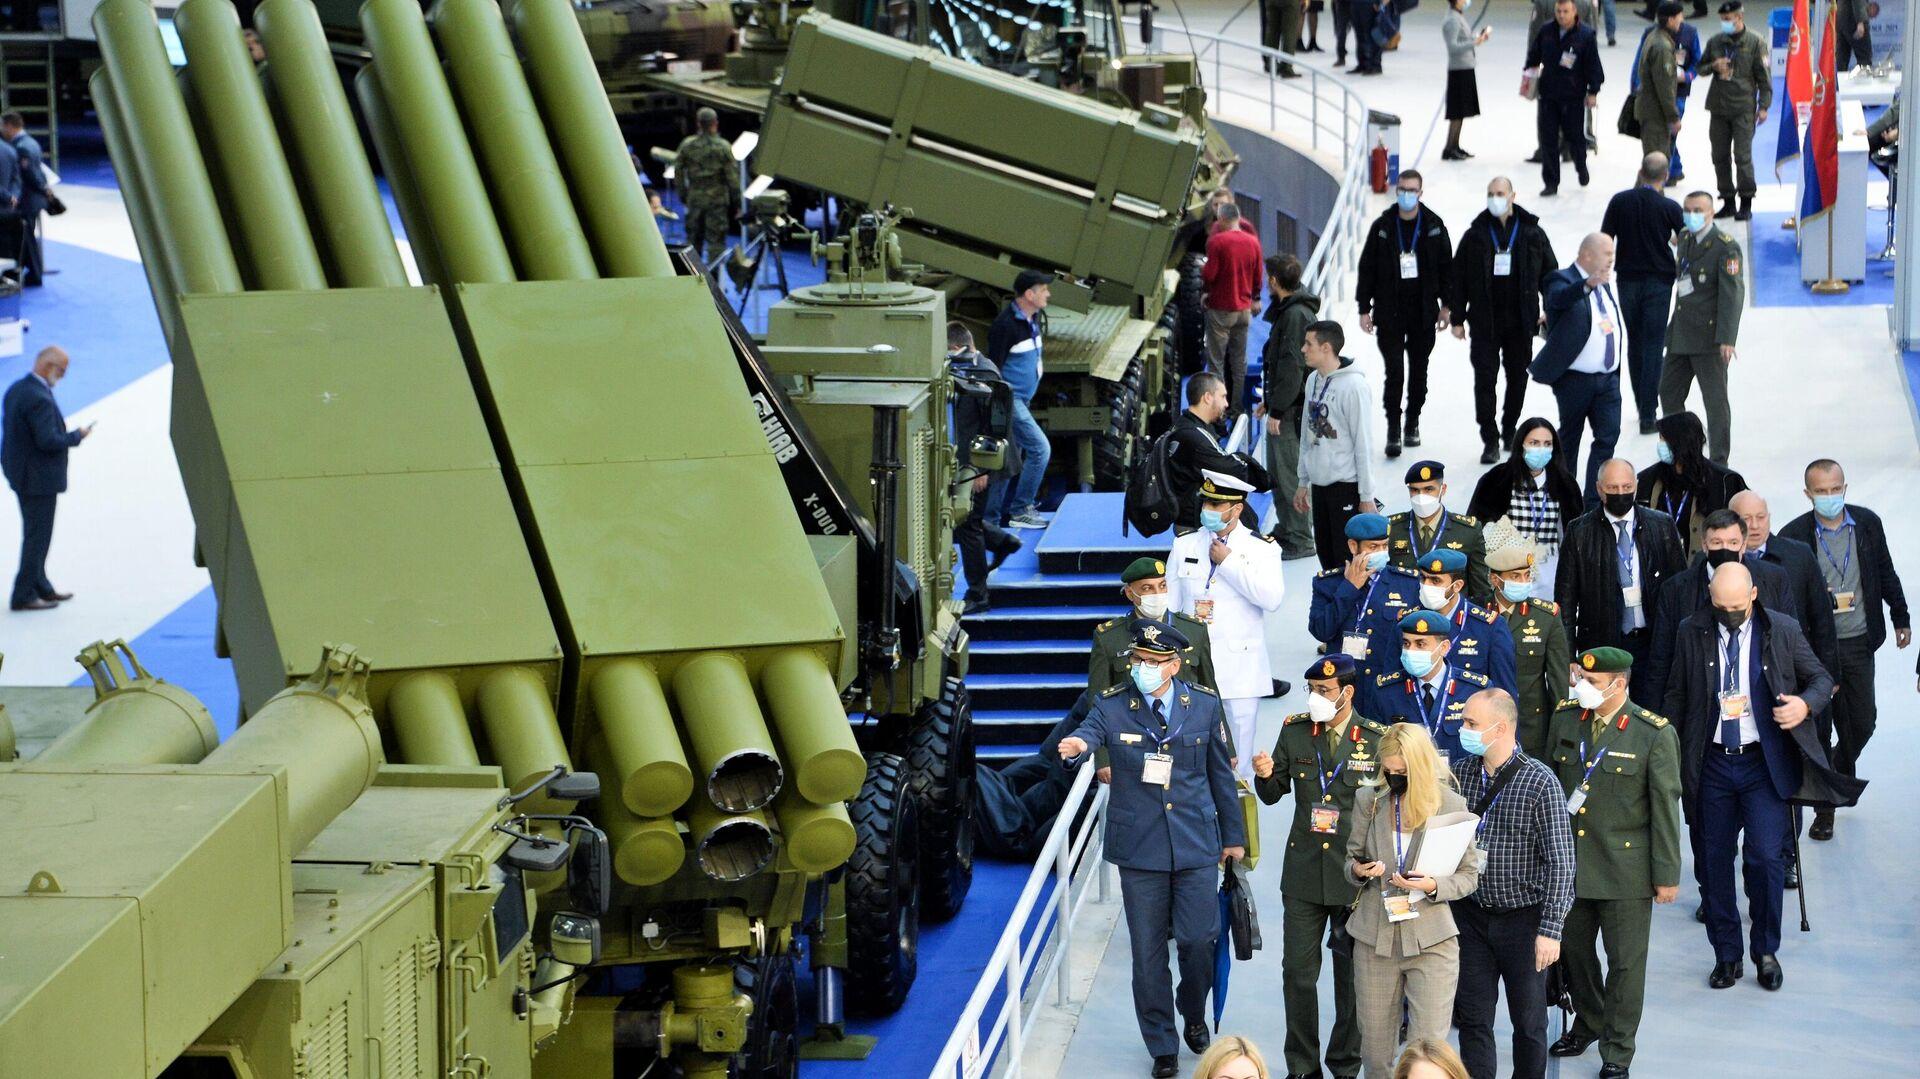 Посетители на международной выставке вооружения и военной техники PARTNER-2021 в Белграде - РИА Новости, 1920, 12.10.2021